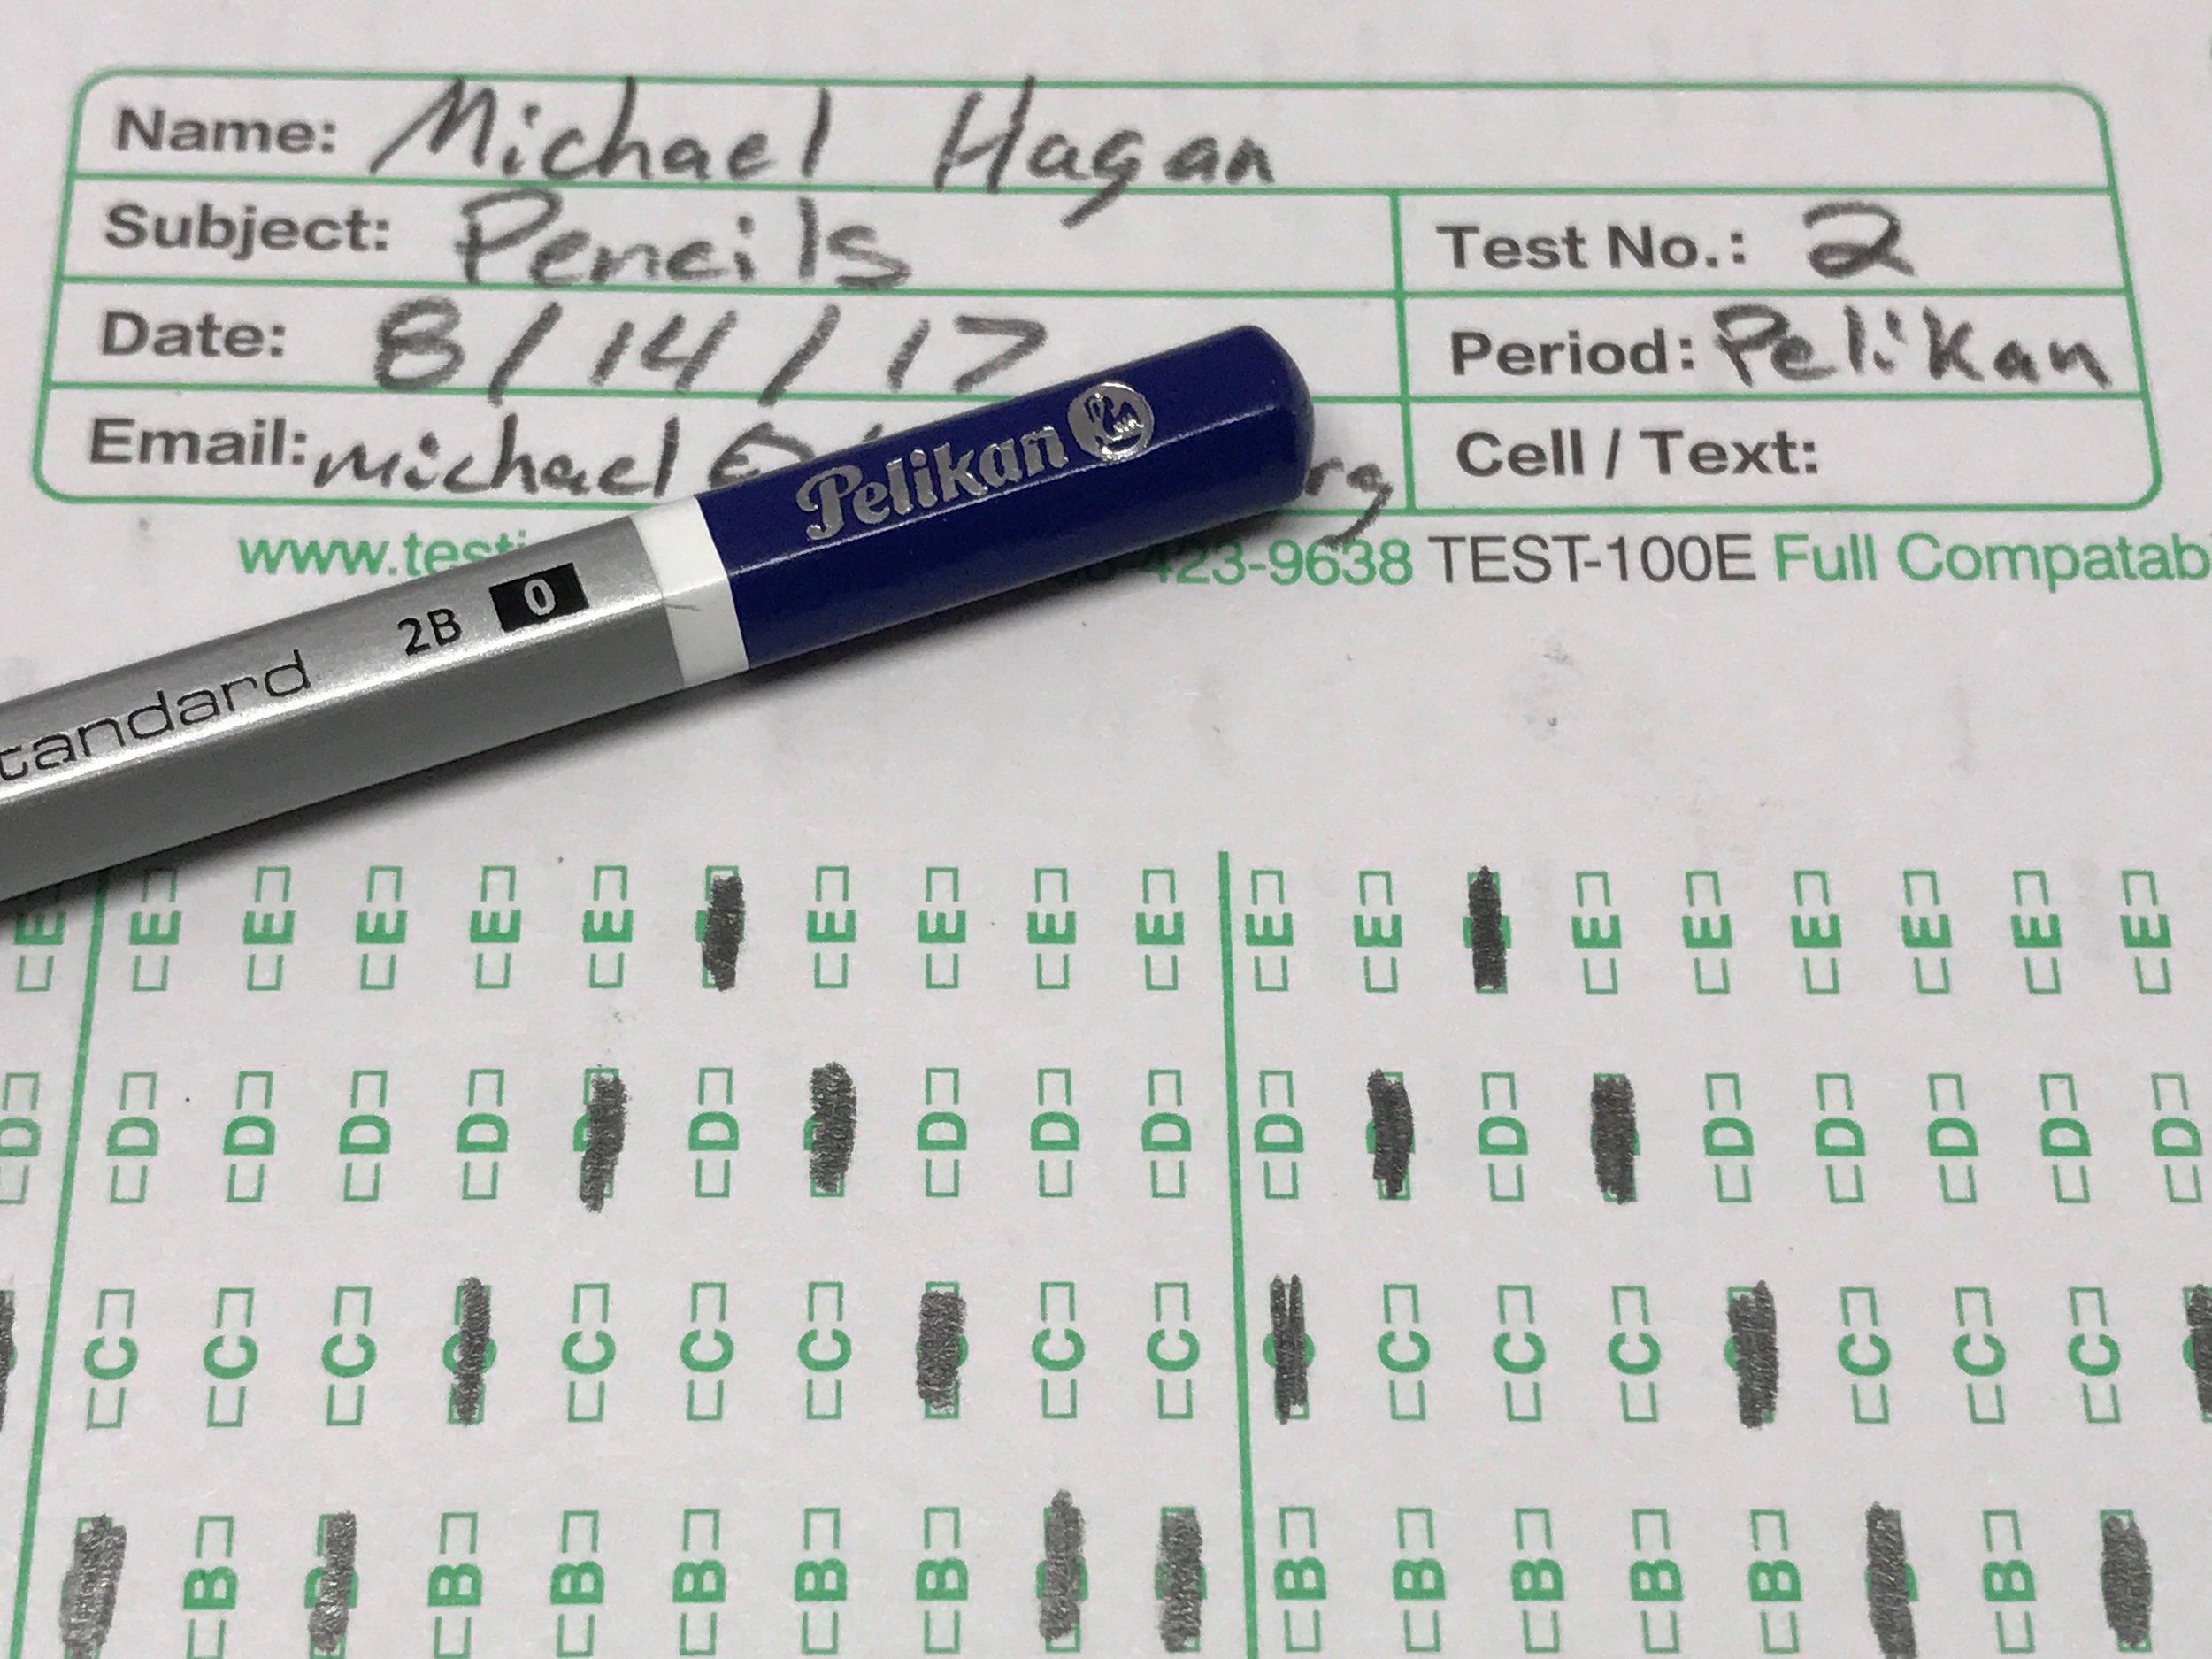 Pelikan-Exam-Standard-Pencil-1.jpg